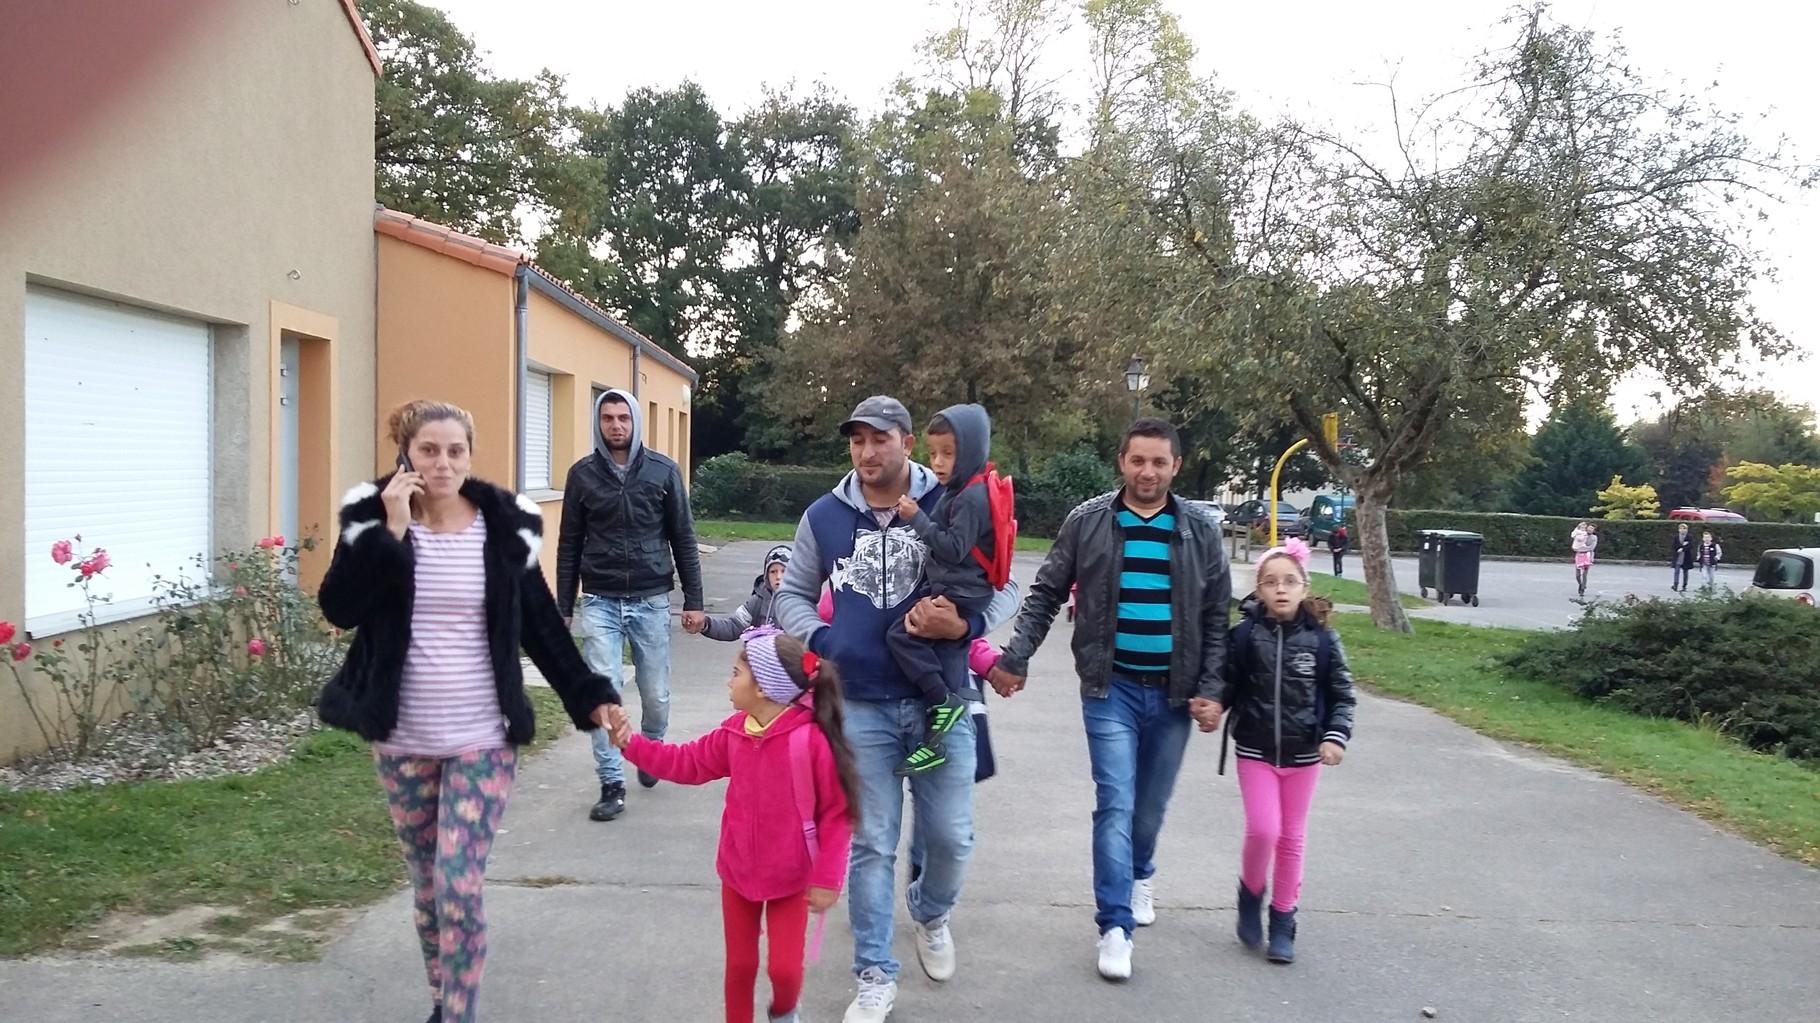 Luiza avec sa maman Cosmina, Madalin dans les bras de son papa Nelu, Alexandra et Lavinia (cachée) donnent la main à leur papa Lorenzo et derrière, Lucas avec son papa Florinel.